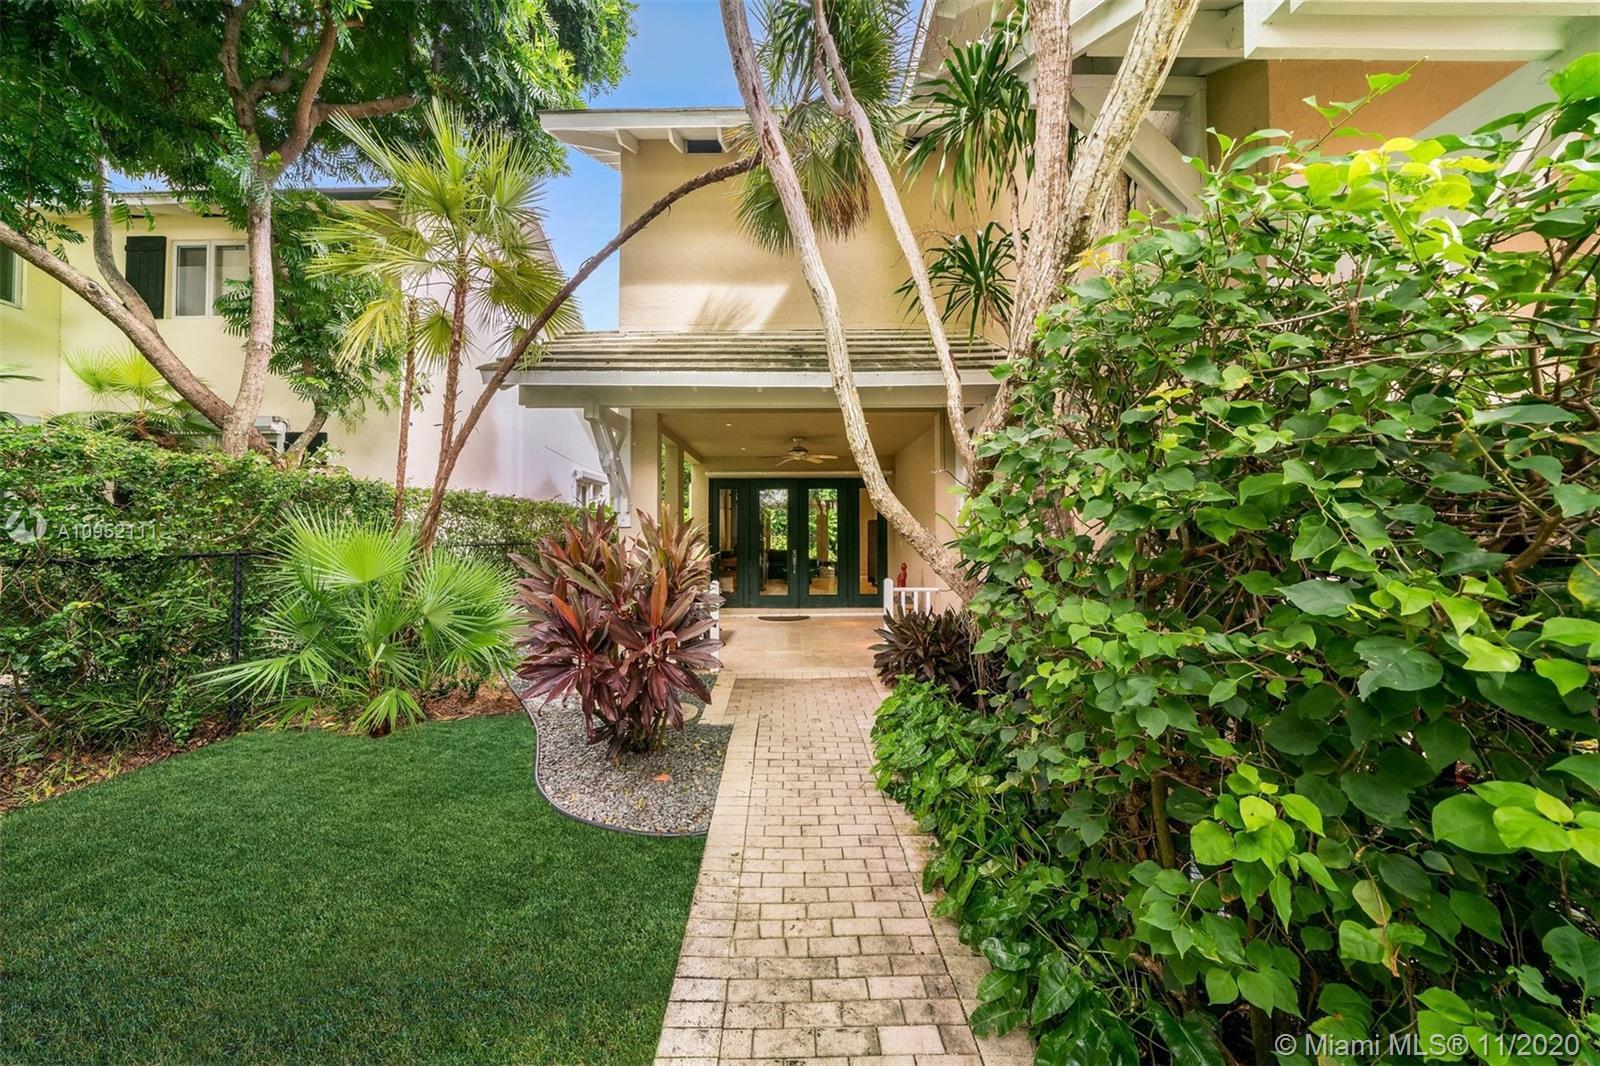 Bay Homes - 3601 N Bay Homes Dr, Miami, FL 33133